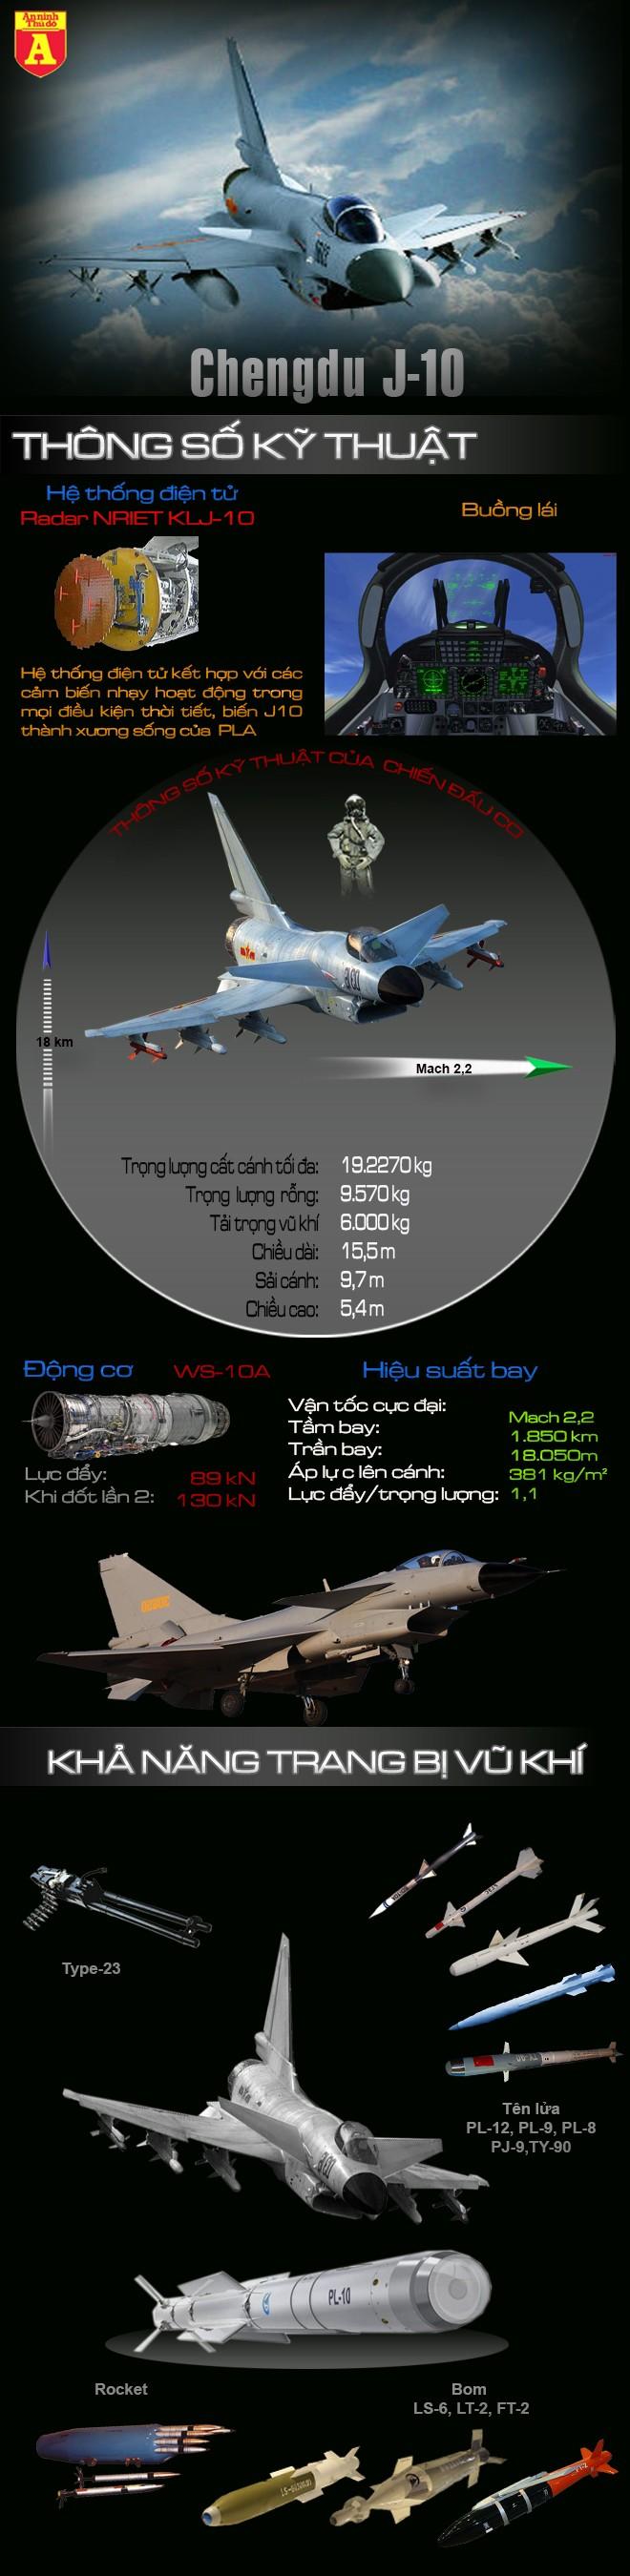 """[ĐỒ HỌA] Nga và Mỹ lo lắng trước """"con cưng"""" J-10 của Trung Quốc ảnh 2"""